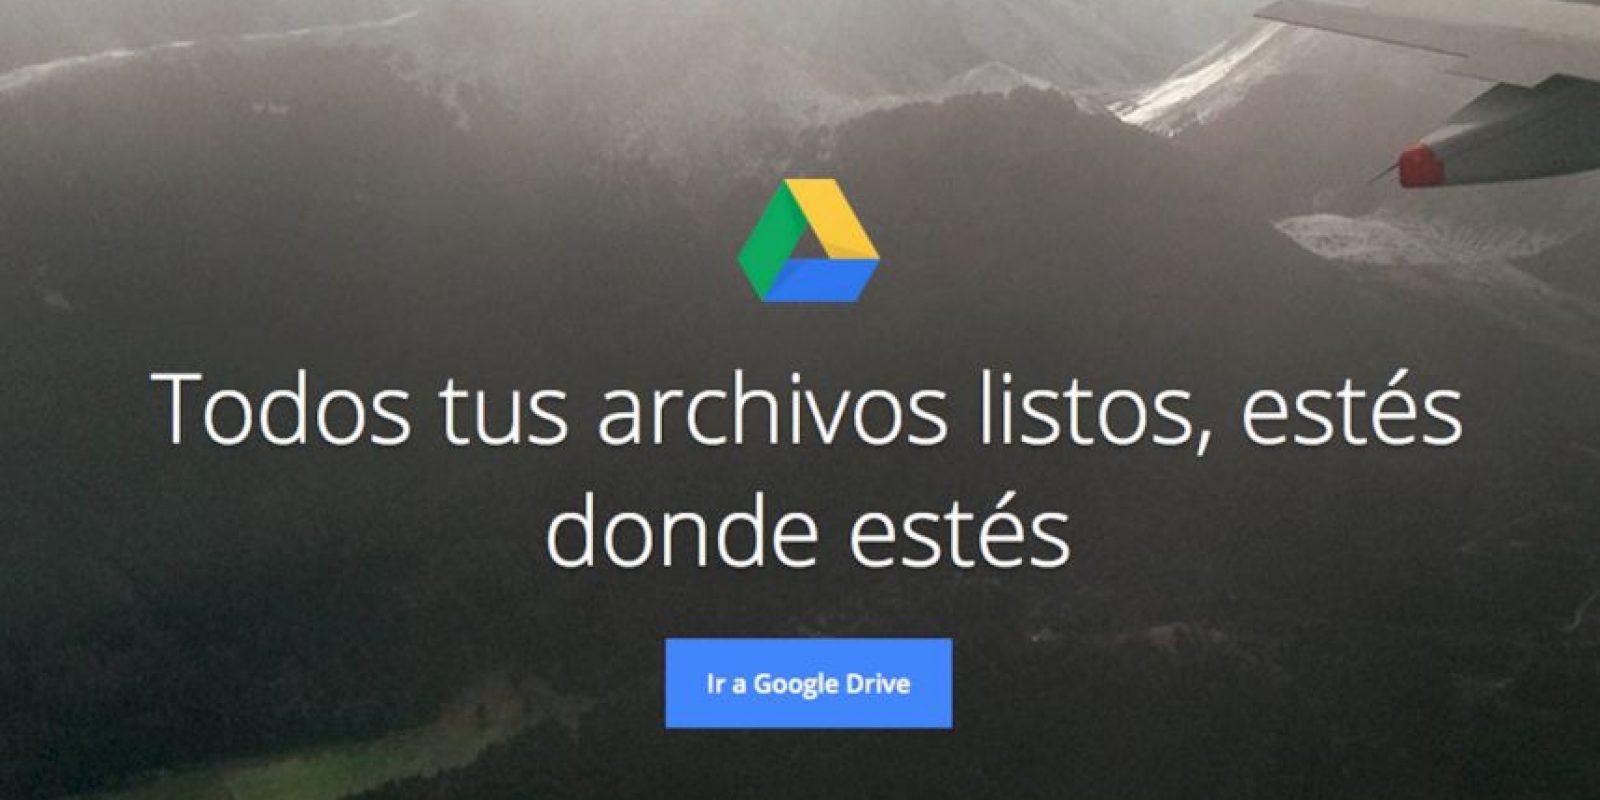 Google Drive funciona de maravilla si les gusta trabajar en equipo o a distancia. Foto:https://www.google.com/intl/es/drive/